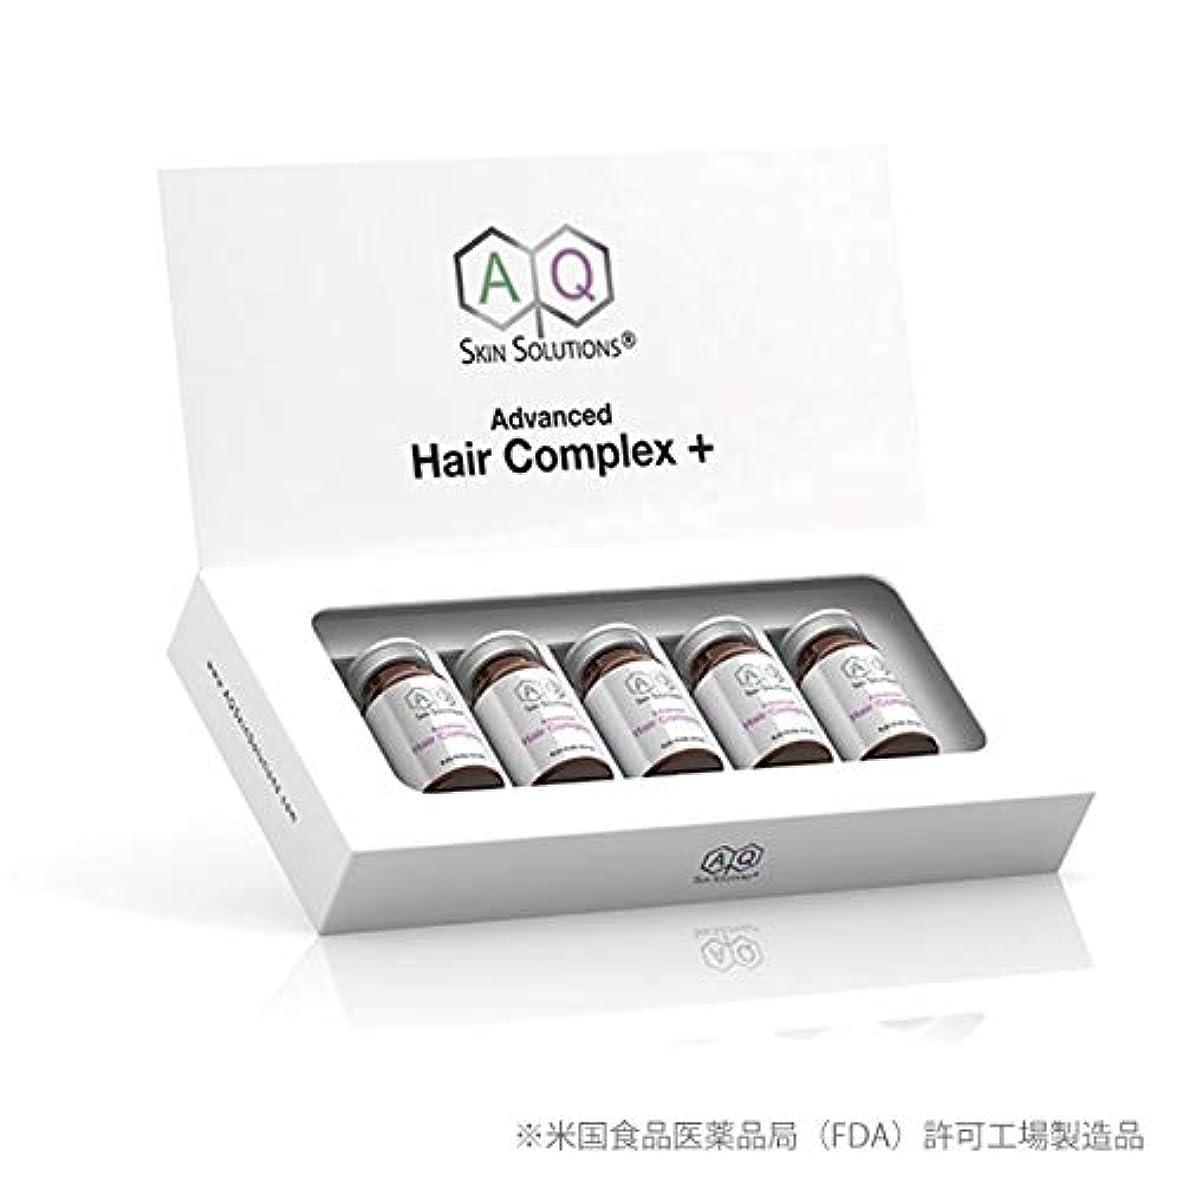 説明する気味の悪い天才Advanced Hair Complex アドバンスト ヘアーコンプレックス 育毛剤 GF(グロースファクター/細胞成長因子)成分配合